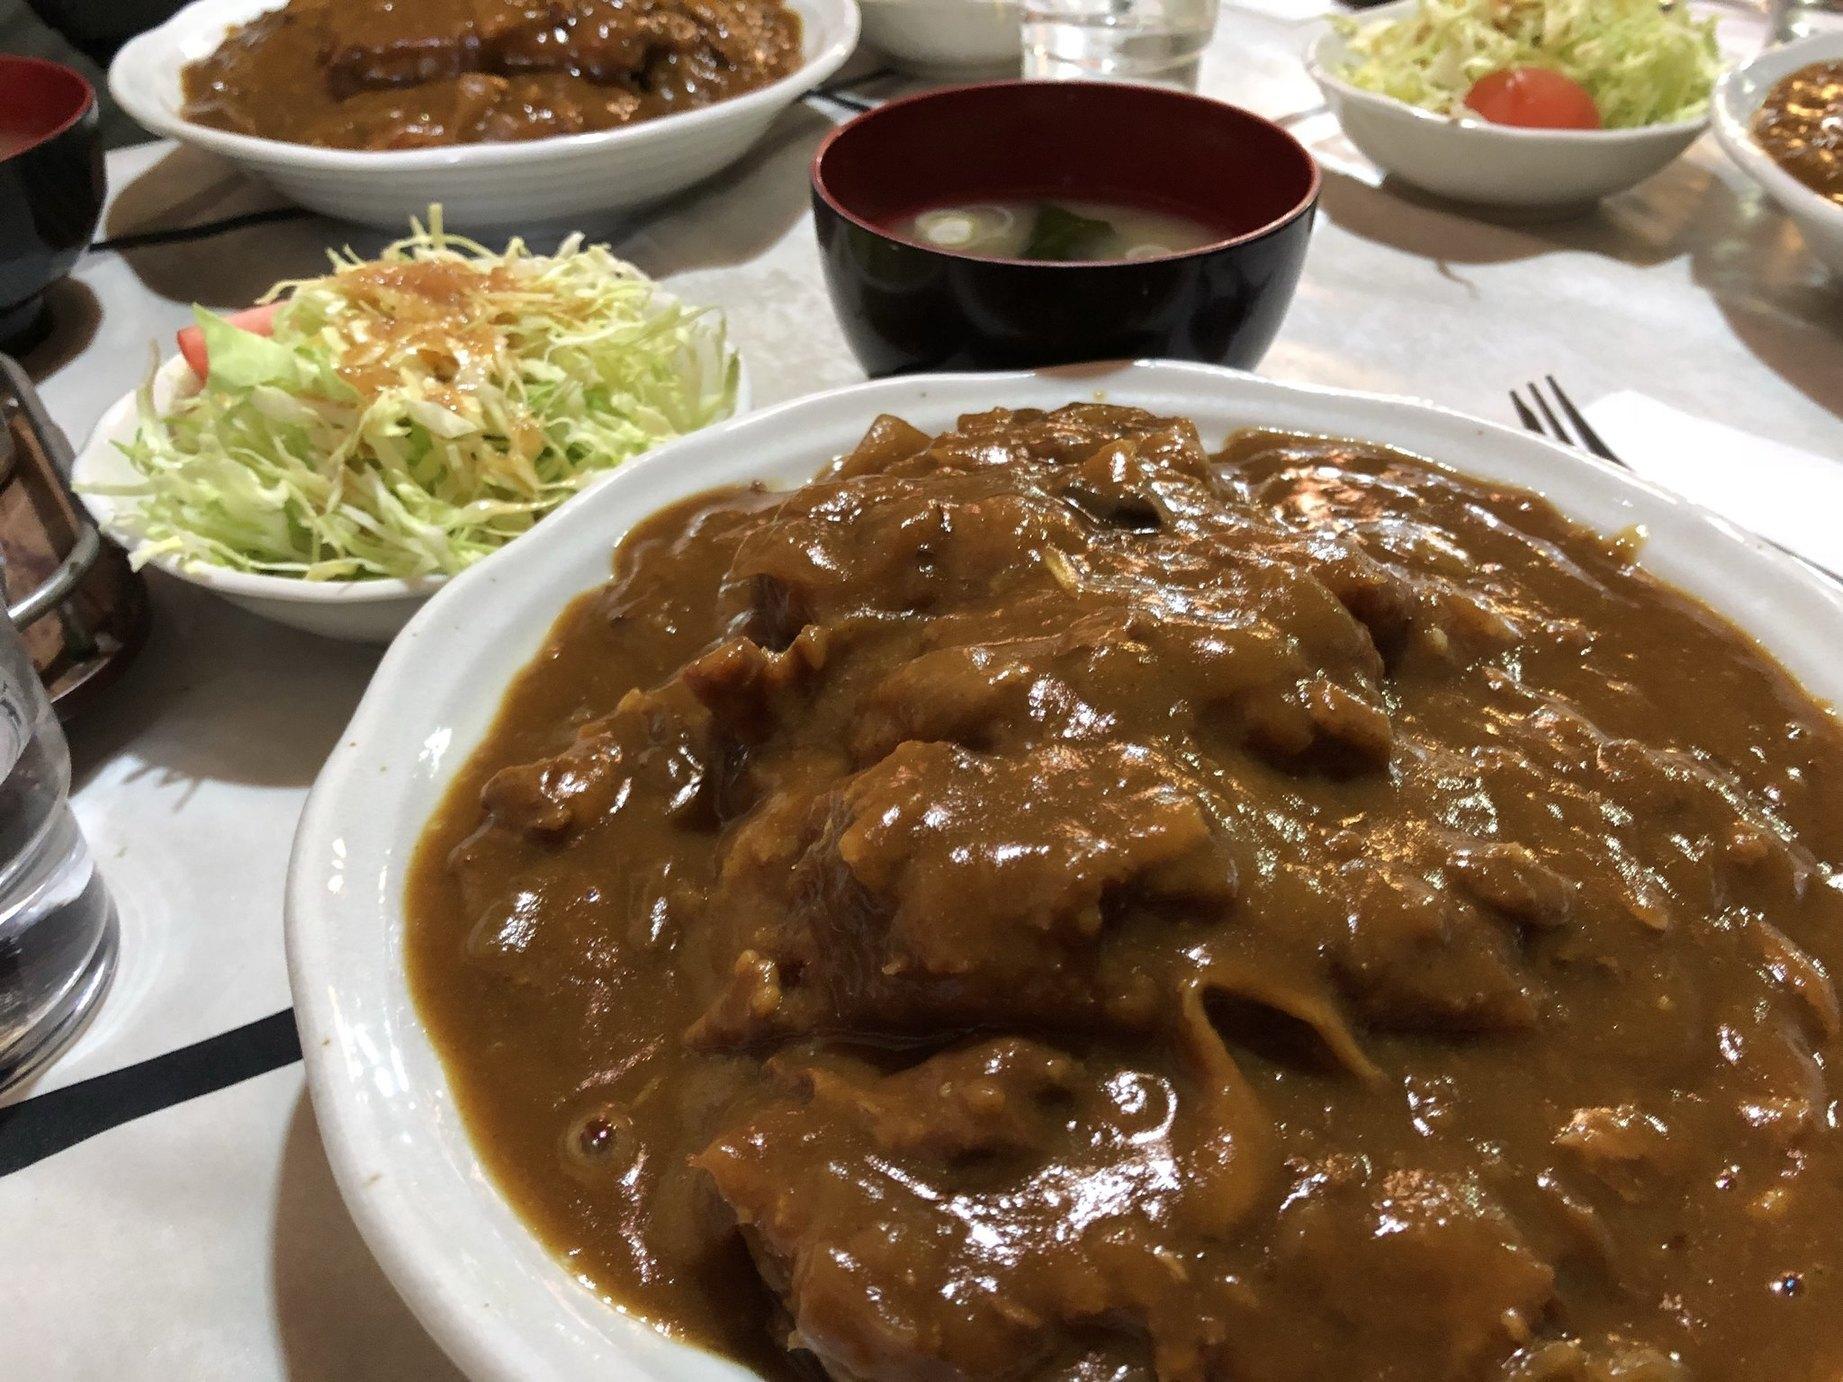 ピッチャーゴロ(喫茶店・水戸市)